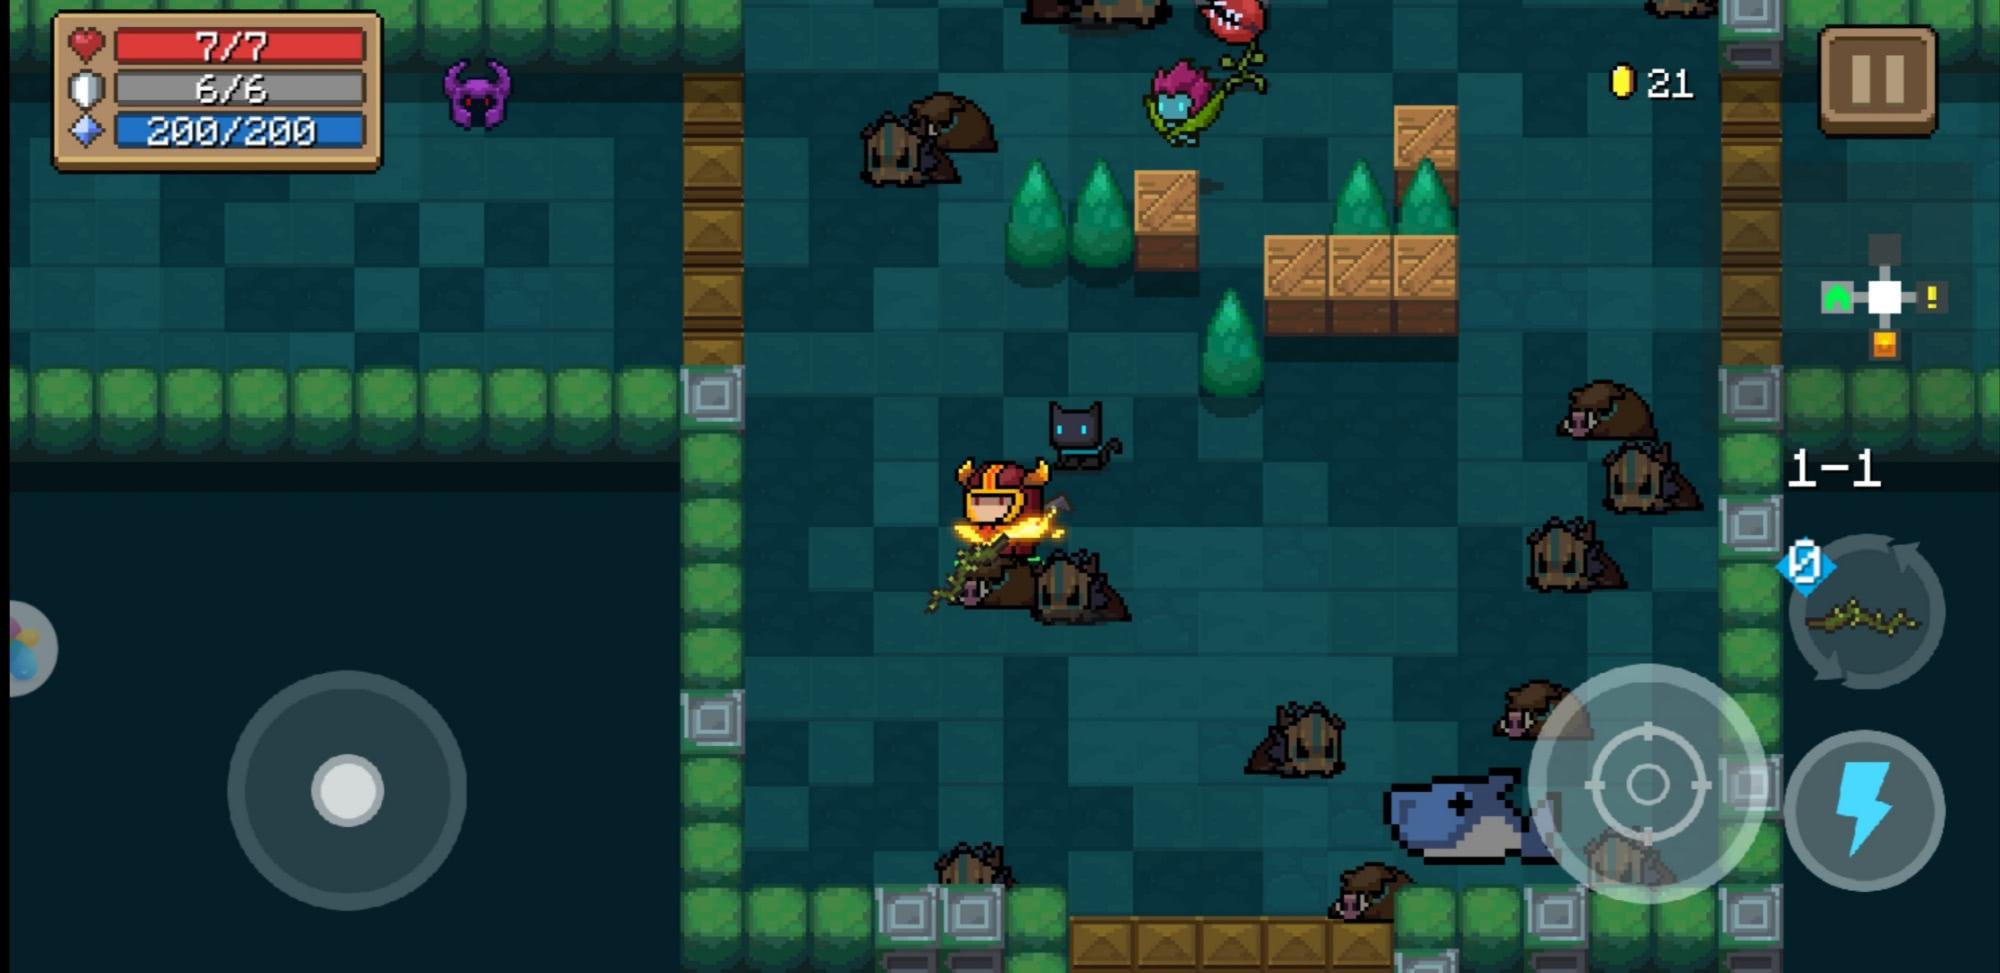 元气骑士:最尬瞬间!这些武器效果是bug吧!你见过吗!